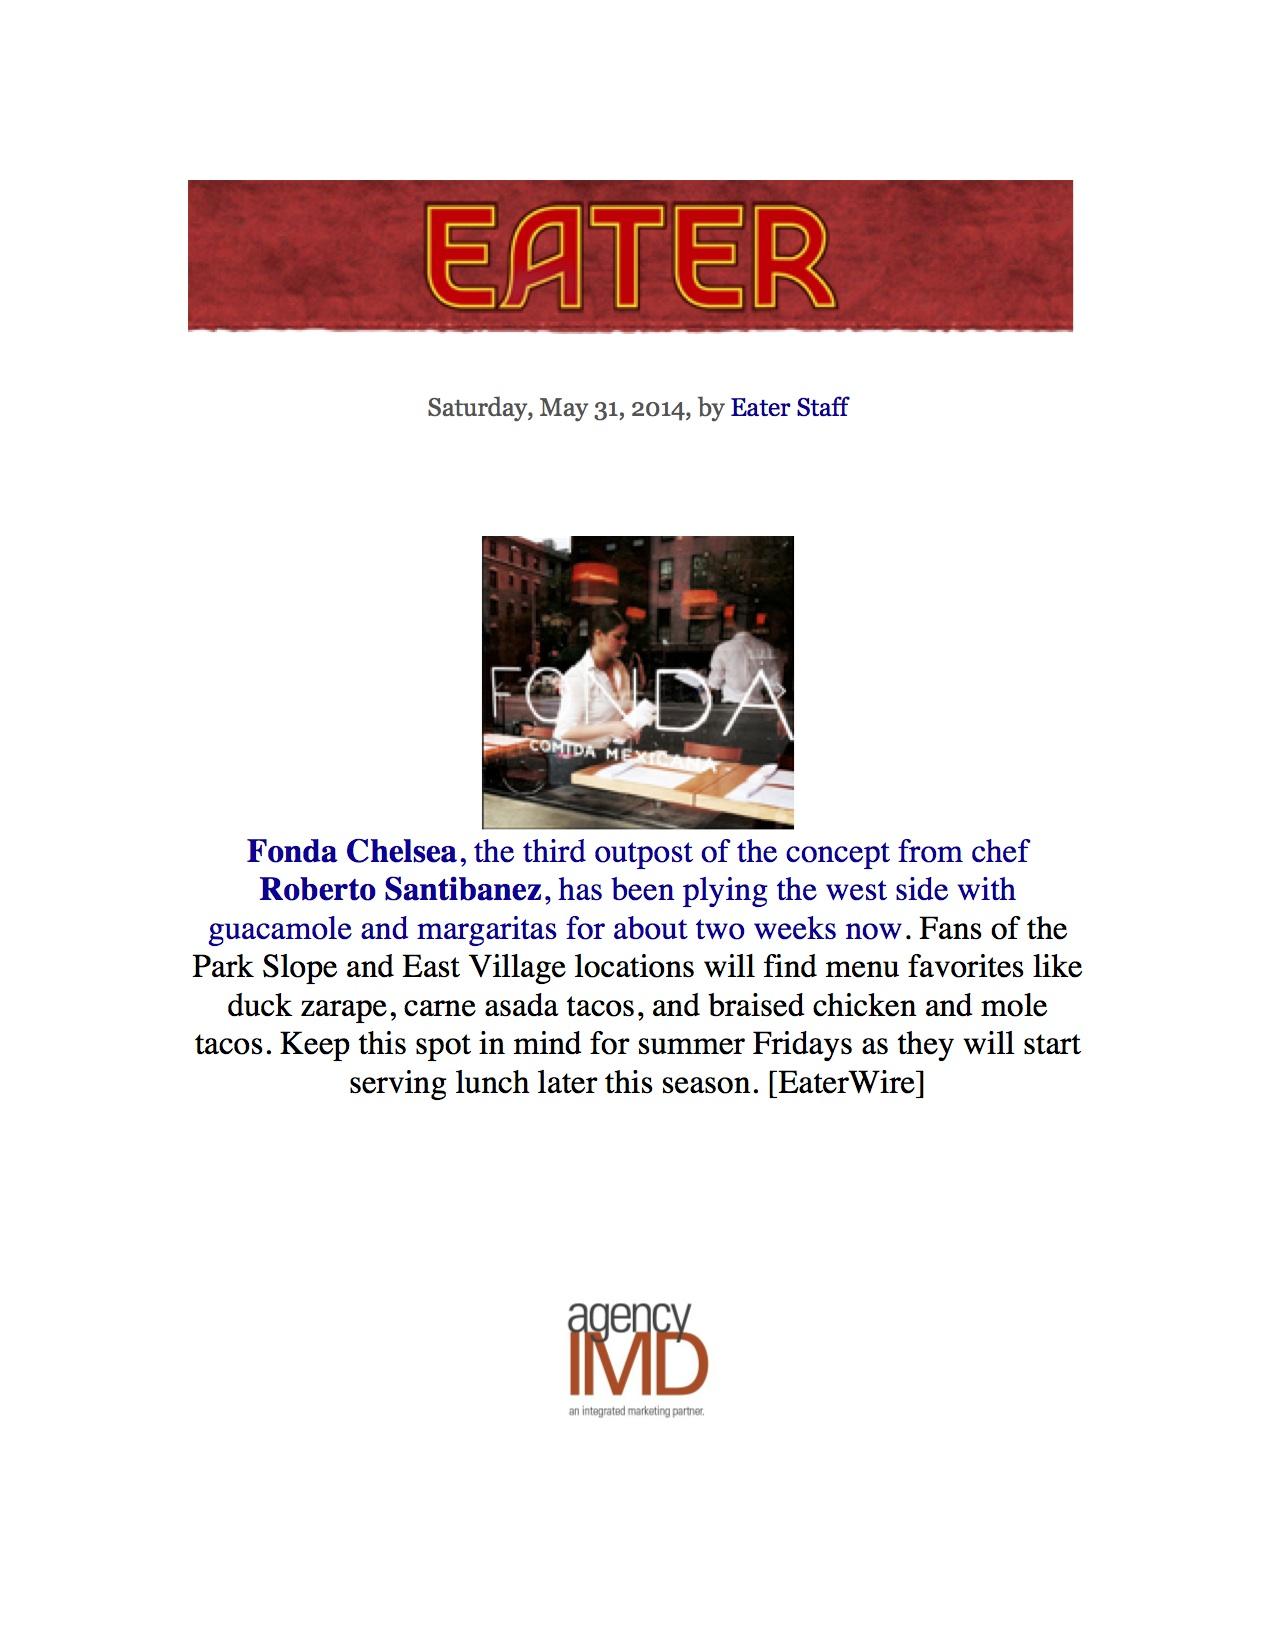 FONDA - Eater - 5.31.14.jpg